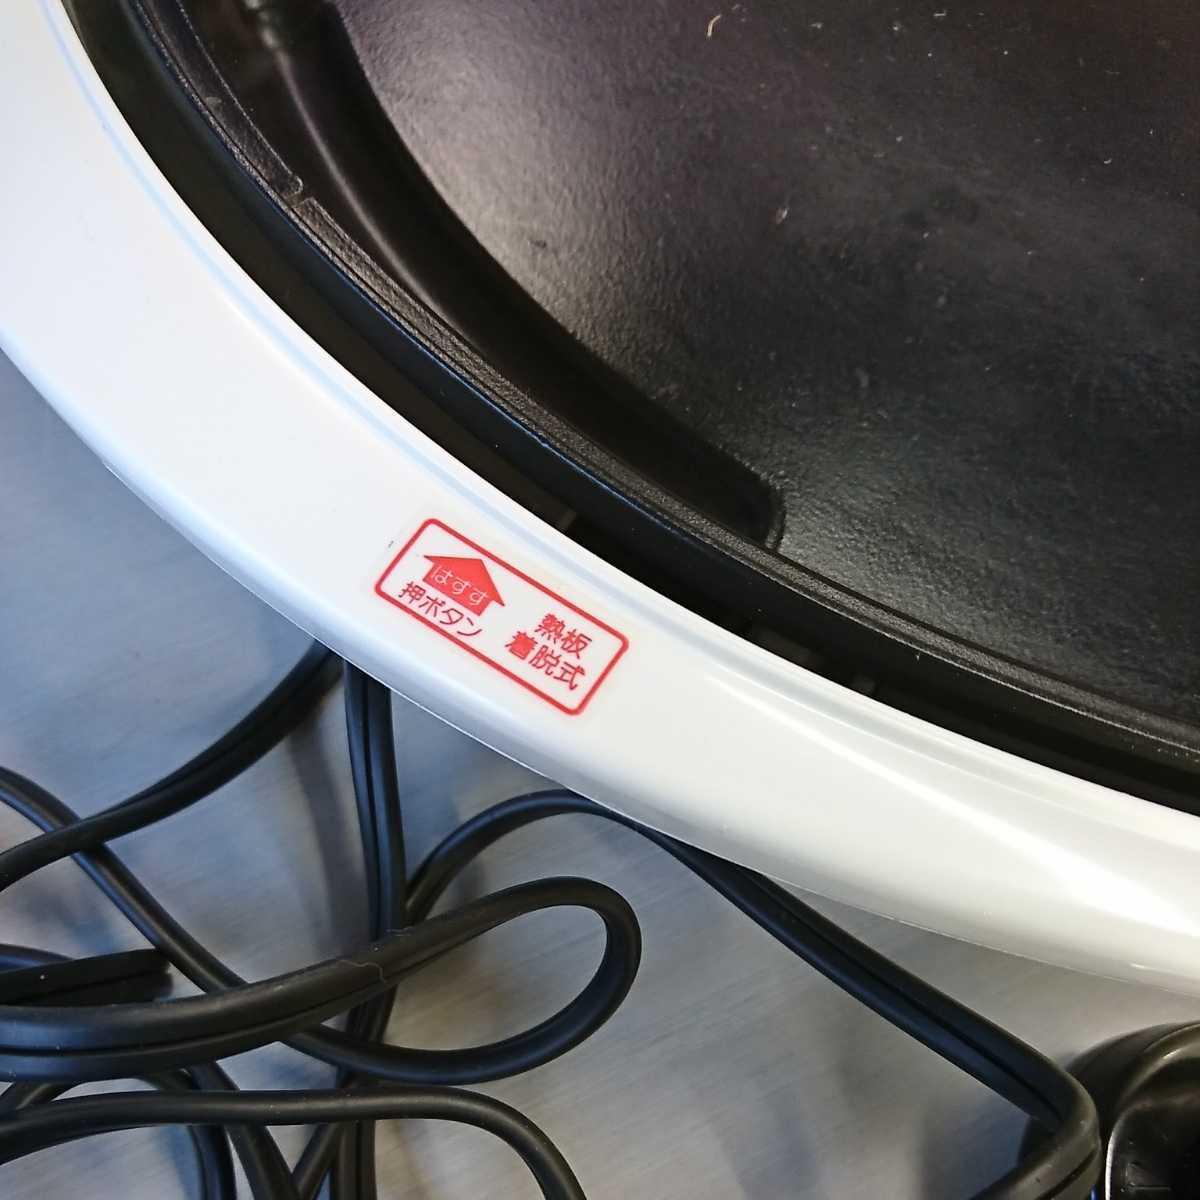 家電3】MITSUBISHI 三菱 ホットプレート HL-B20 EG ユーログレー グレー 調理器具 【通電確認済】お好み焼き 焼肉 焼物 焼そば_画像4